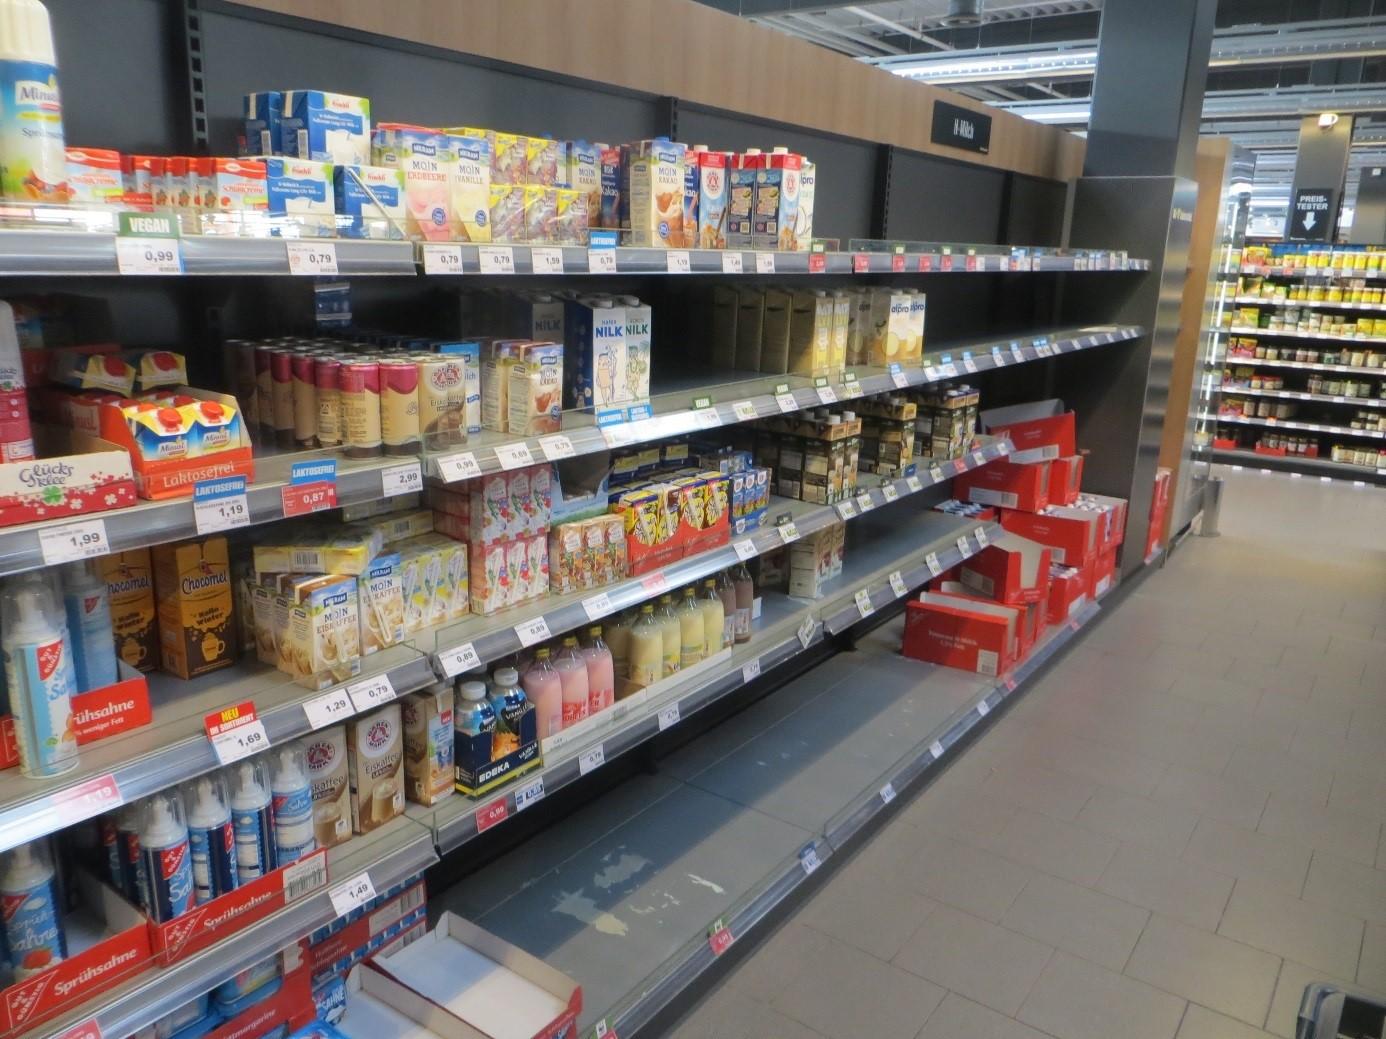 01_Einzelhandel_Verkaufsraeume_Verkaufsregal_Milch_Edeka_Hannover